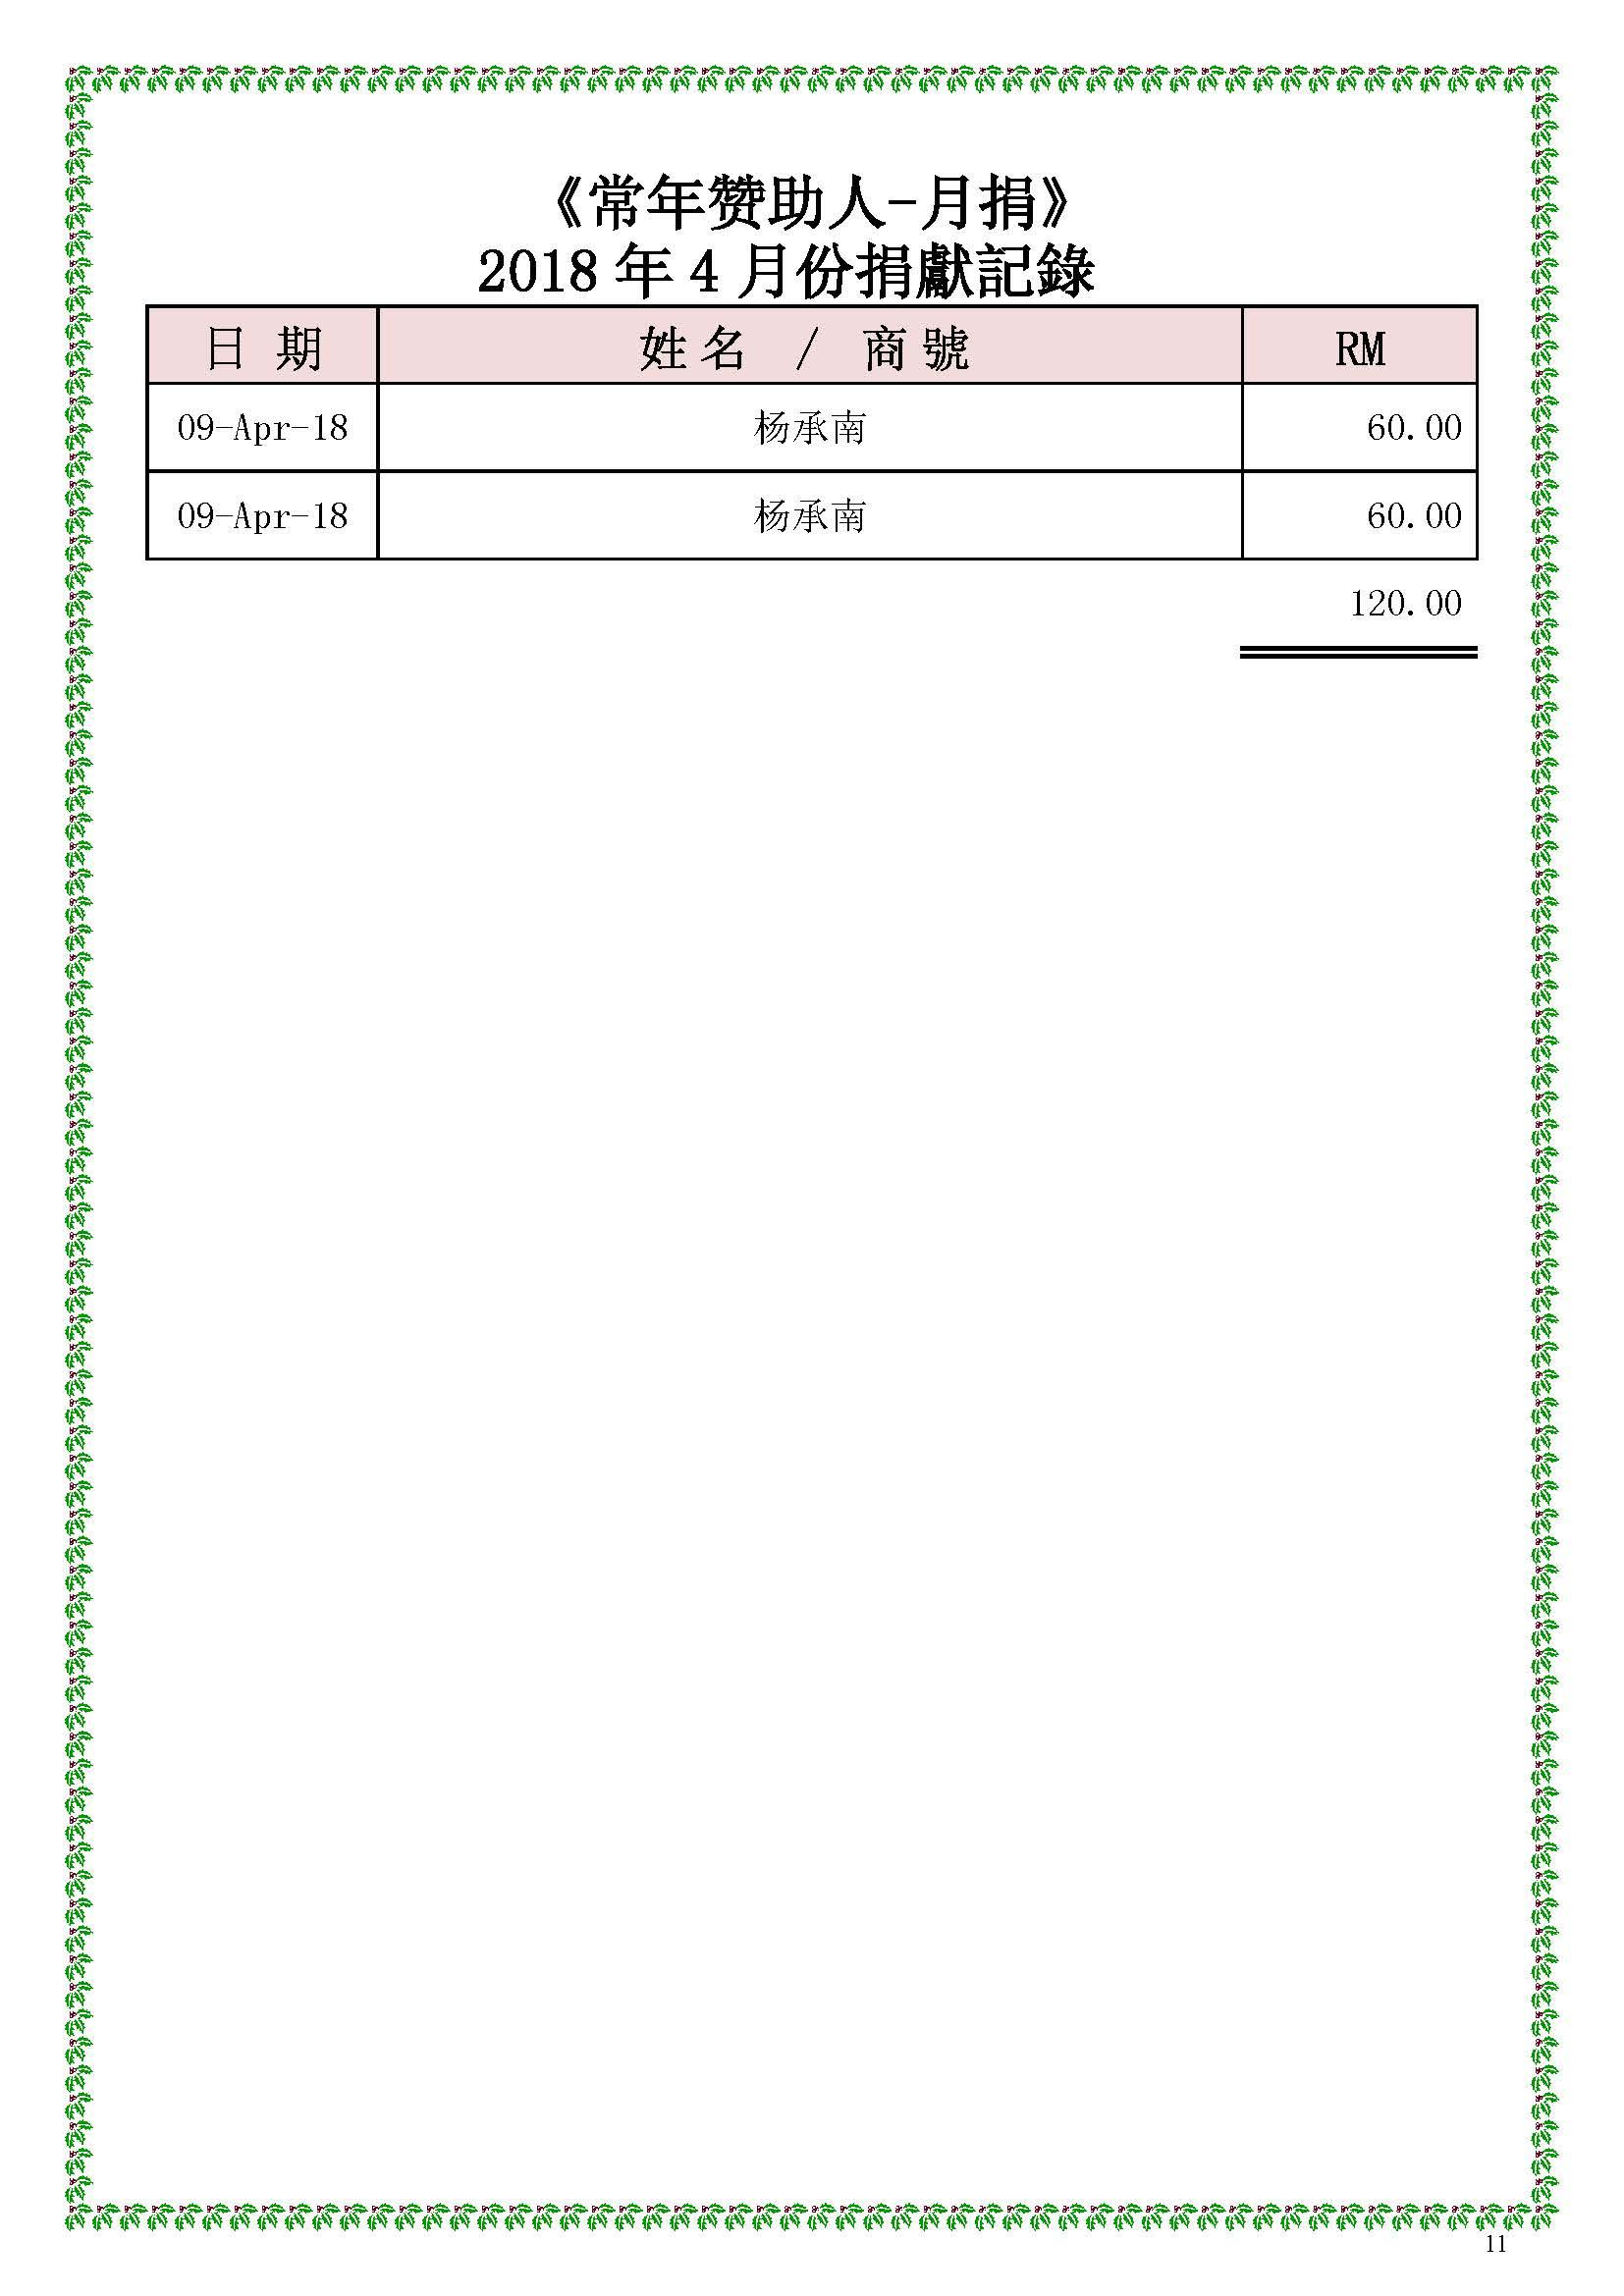 2018年4月份捐獻記錄—修改后_Page_11